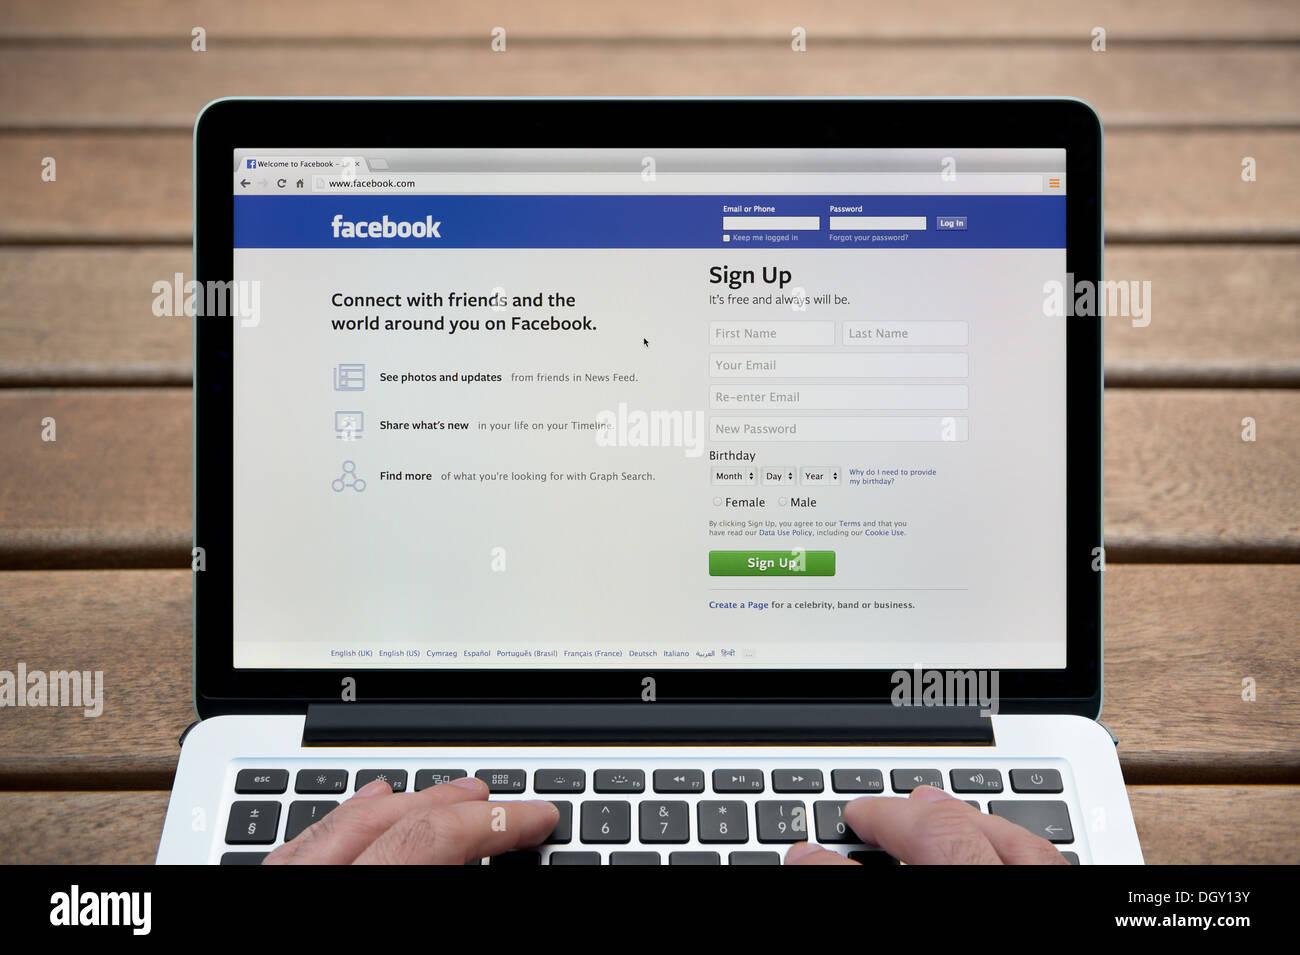 El sitio web de Facebook en un MacBook contra un banco de madera de fondo al aire libre incluyendo un hombre de dedos (uso Editorial solamente). Imagen De Stock